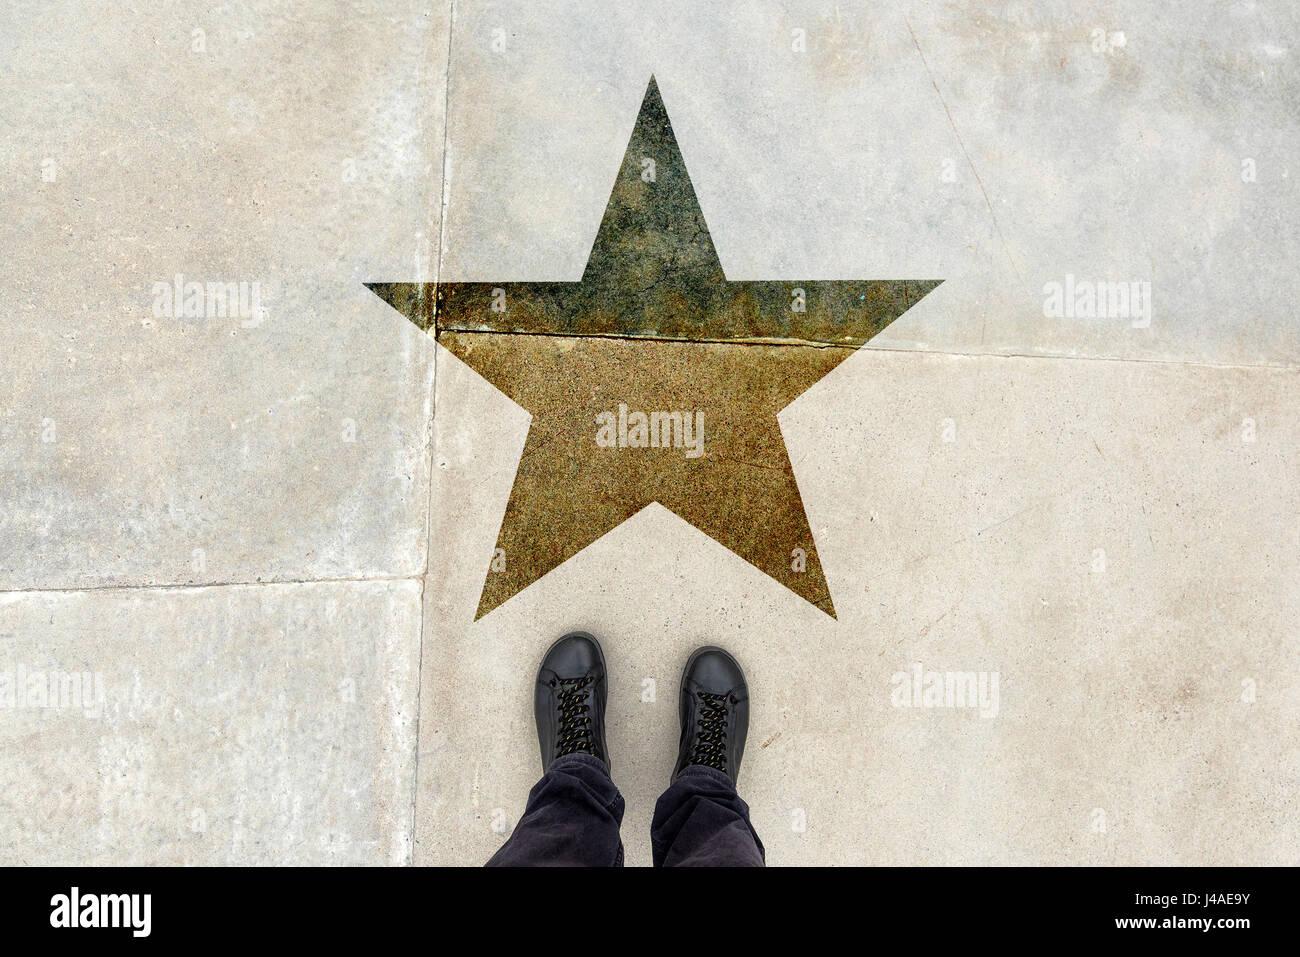 Talento joven en la carretera con forma de estrella imprint - talento, habilidad, dotados de persona, VIP, concepto Imagen De Stock